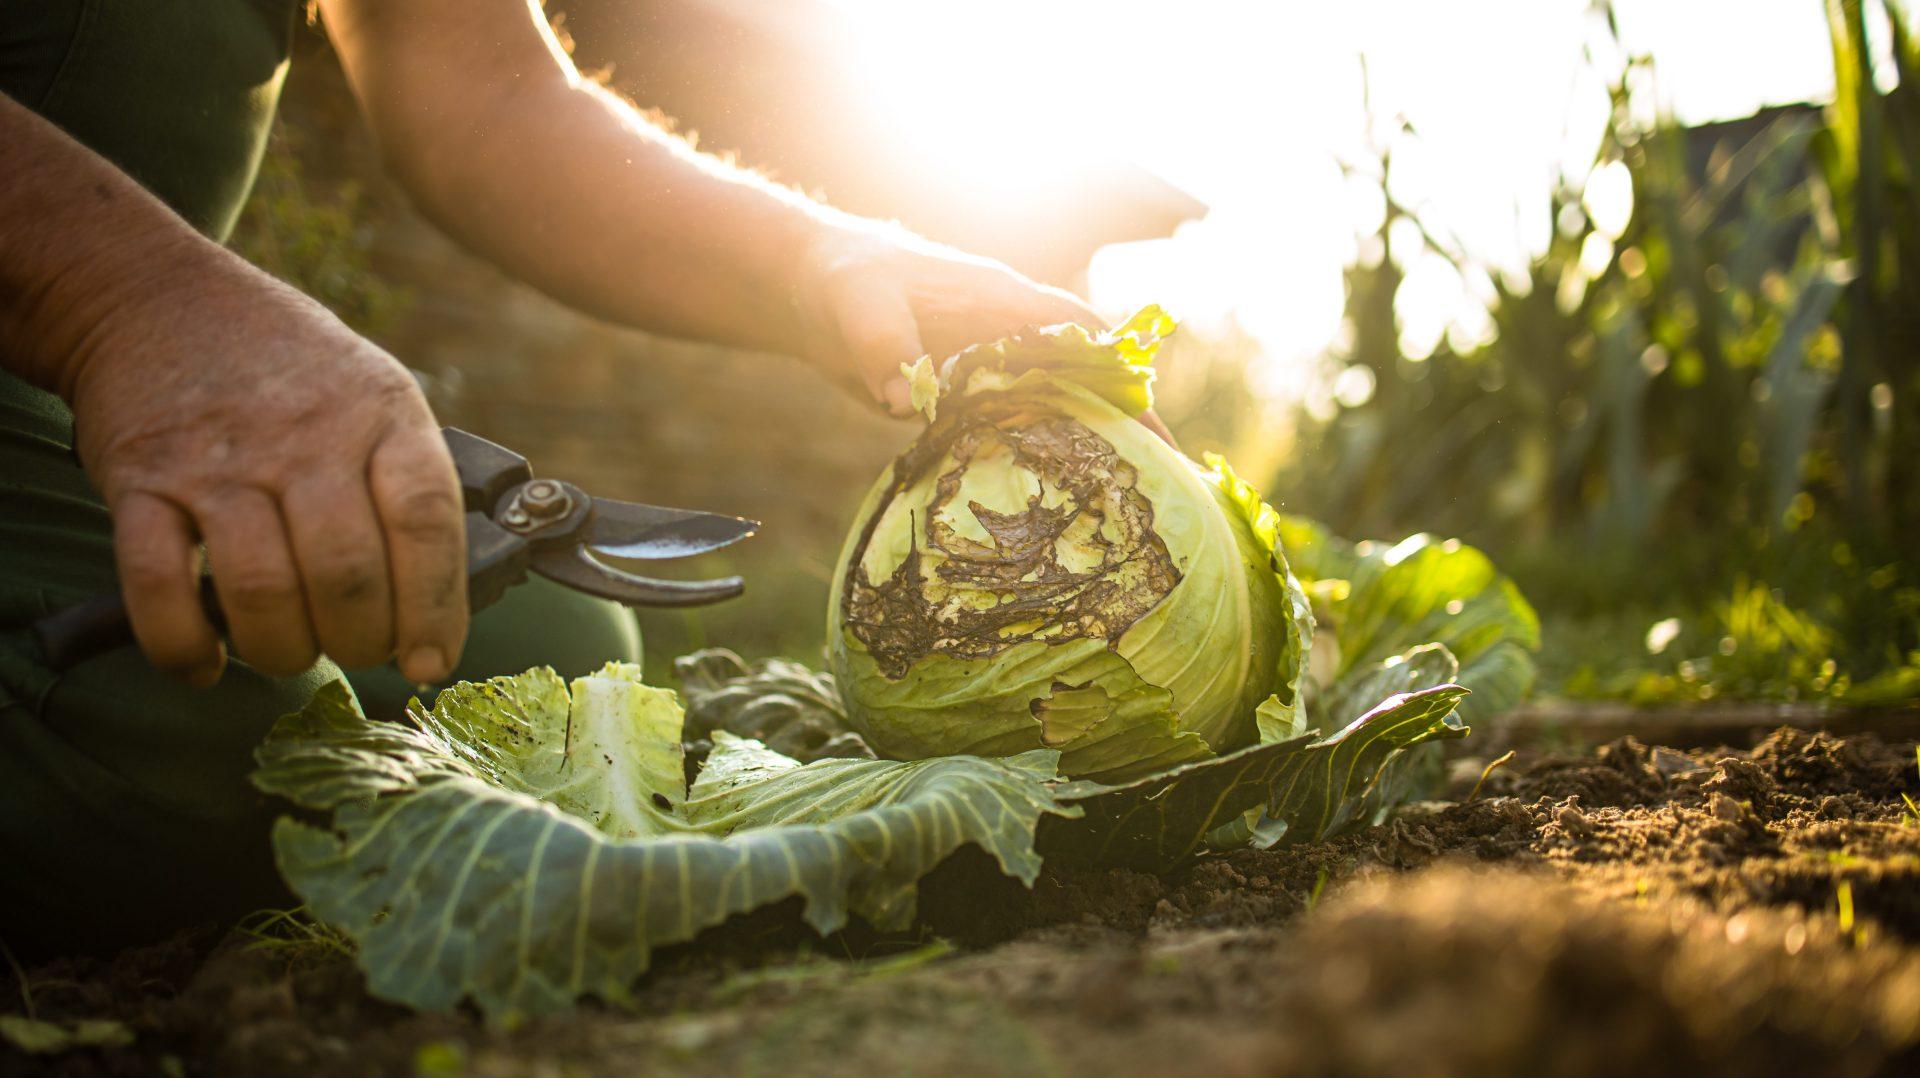 La récolte en permaculture